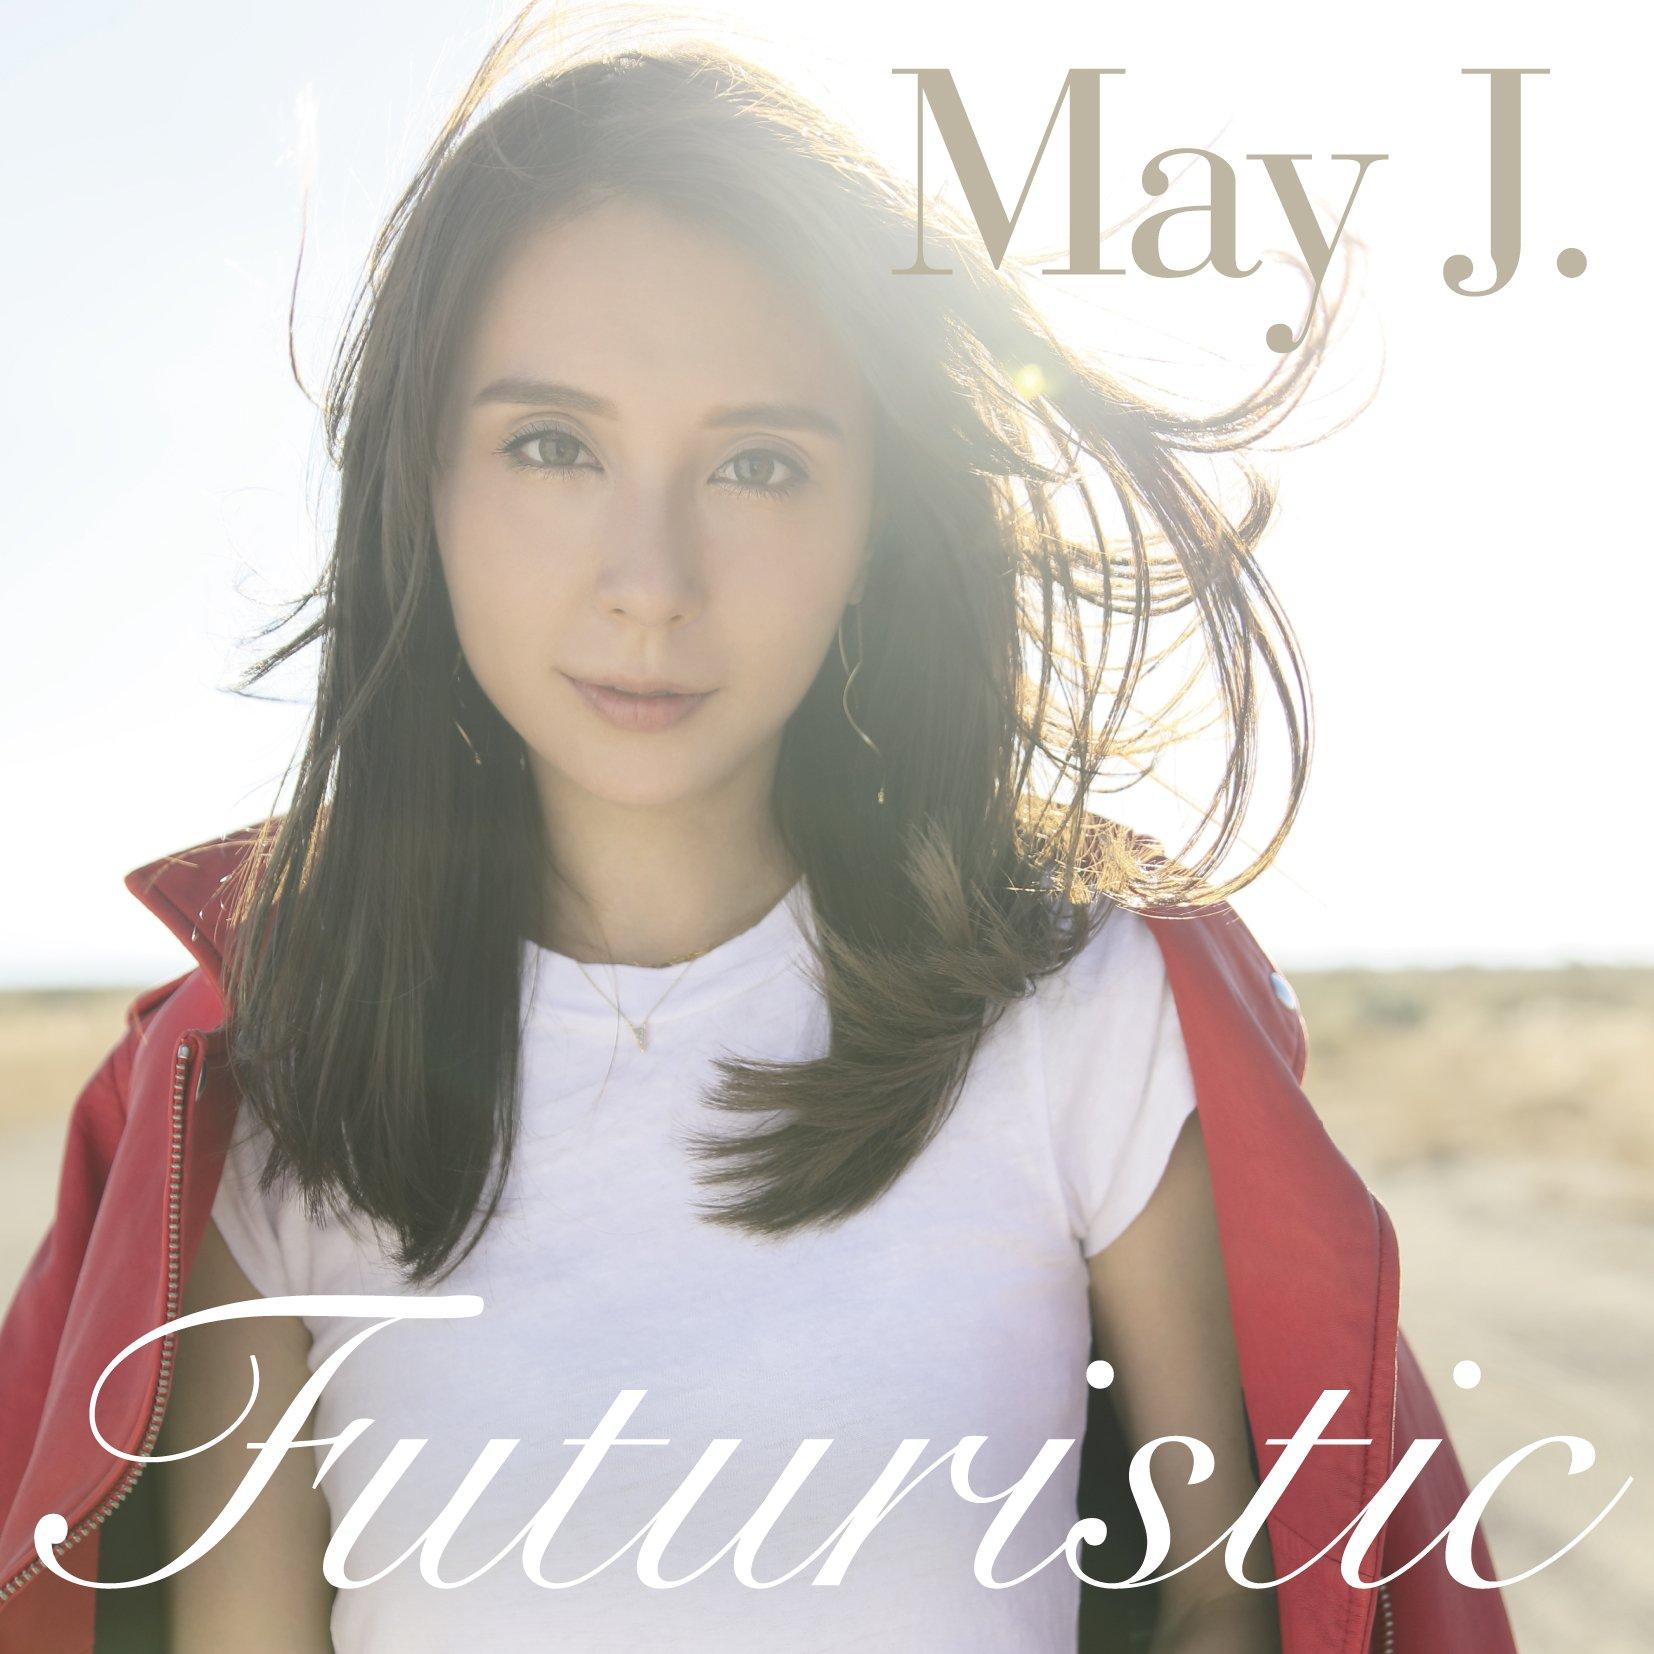 May J. – Futuristic [Mora FLAC 24bit/48kHz]